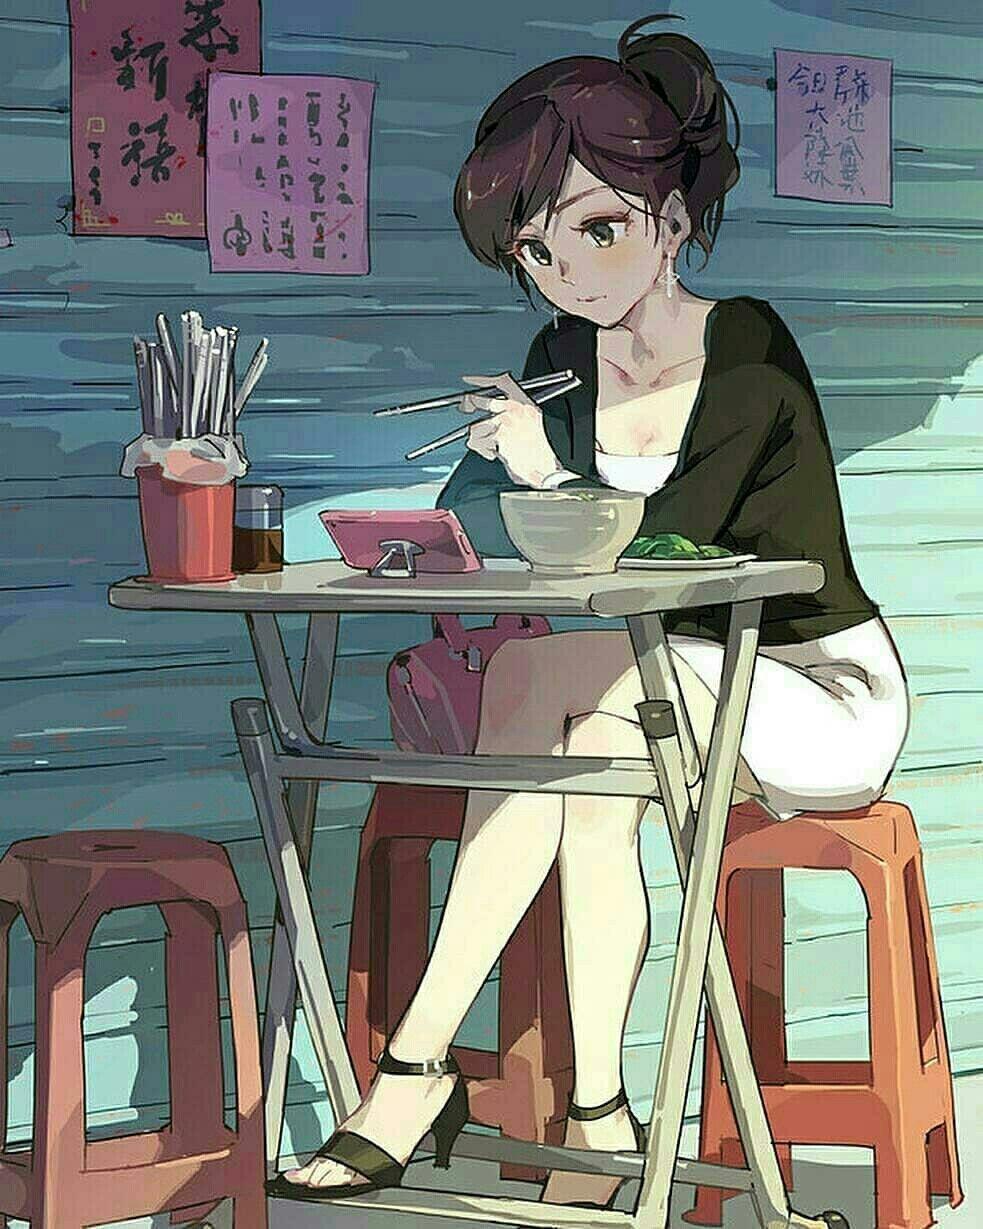 Alone Cartoon Girl eating alone. nom nom.   anime art girl, anime art, epic art